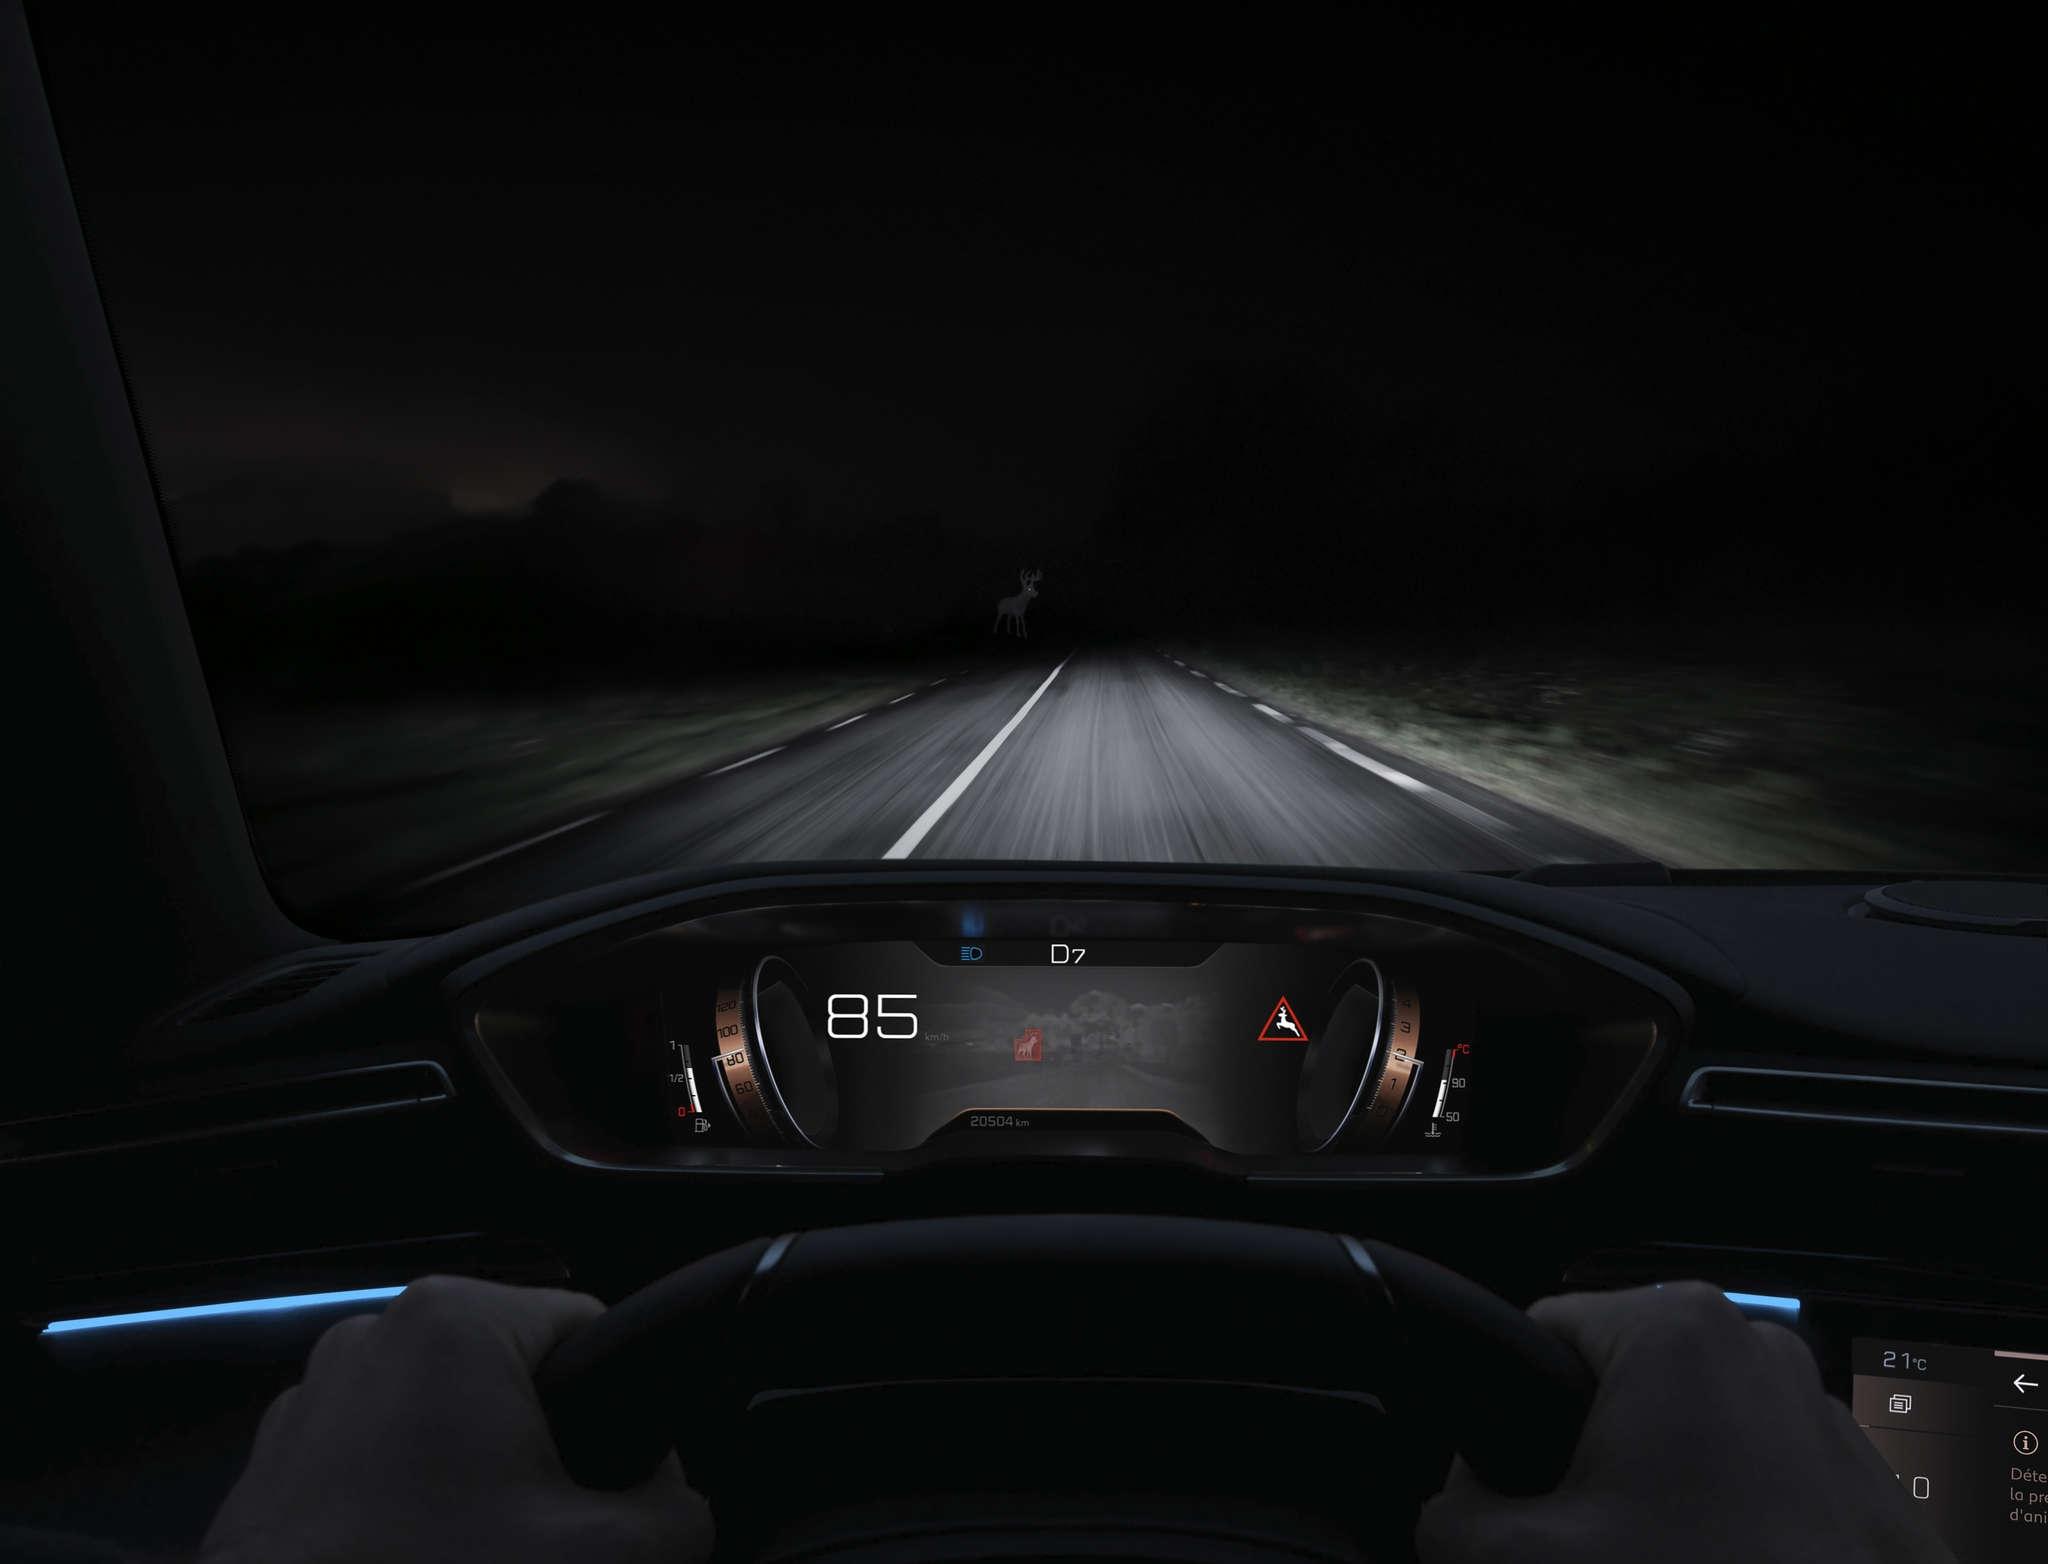 Conducir De Noche Nocturno Calzada Carretera